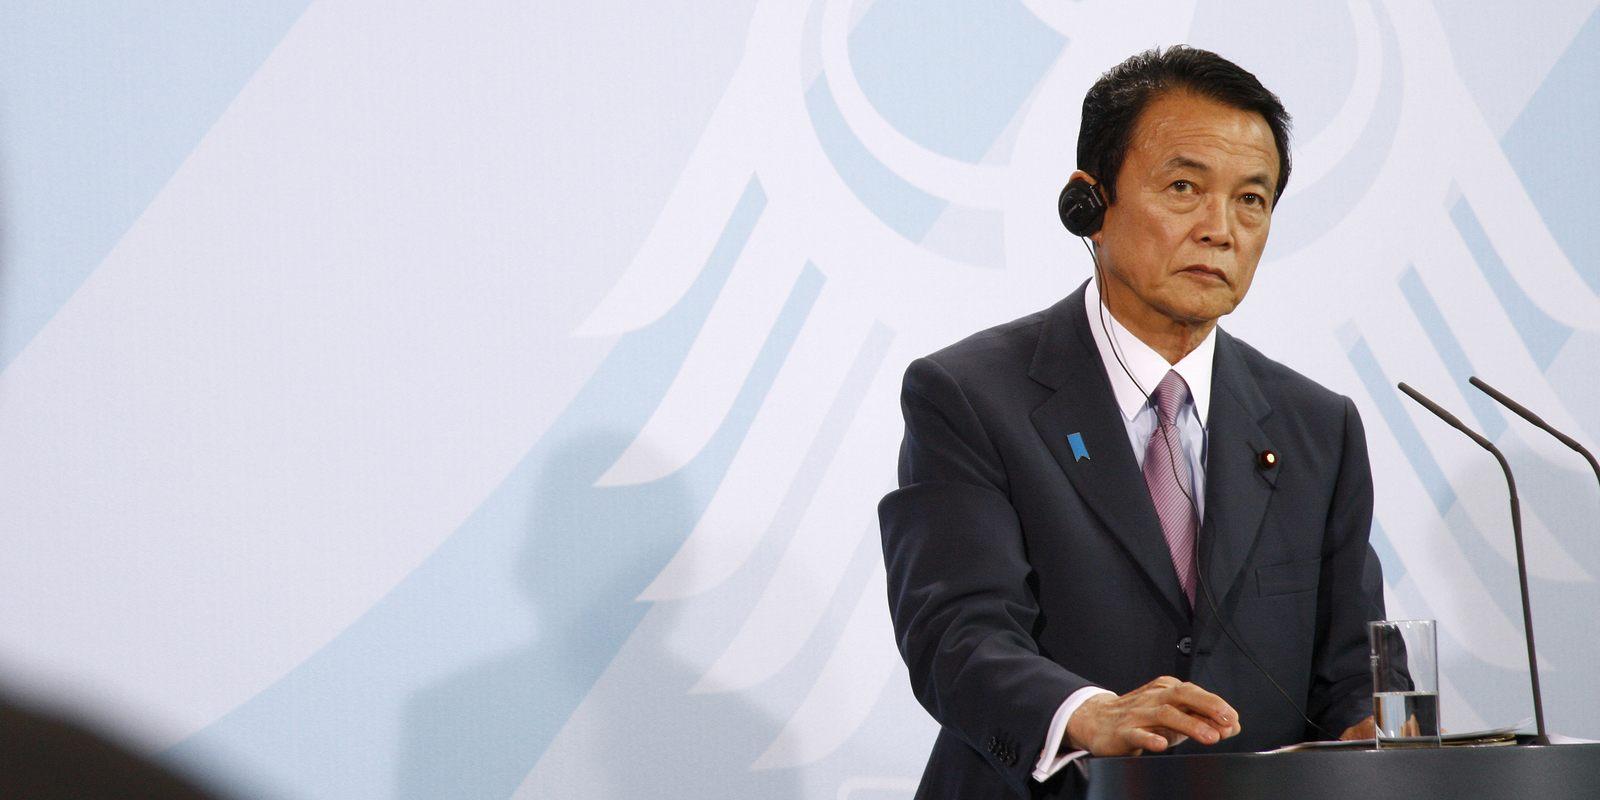 Japon: le ministre des finances ouvert à la blockchain pour pister le Covid-19